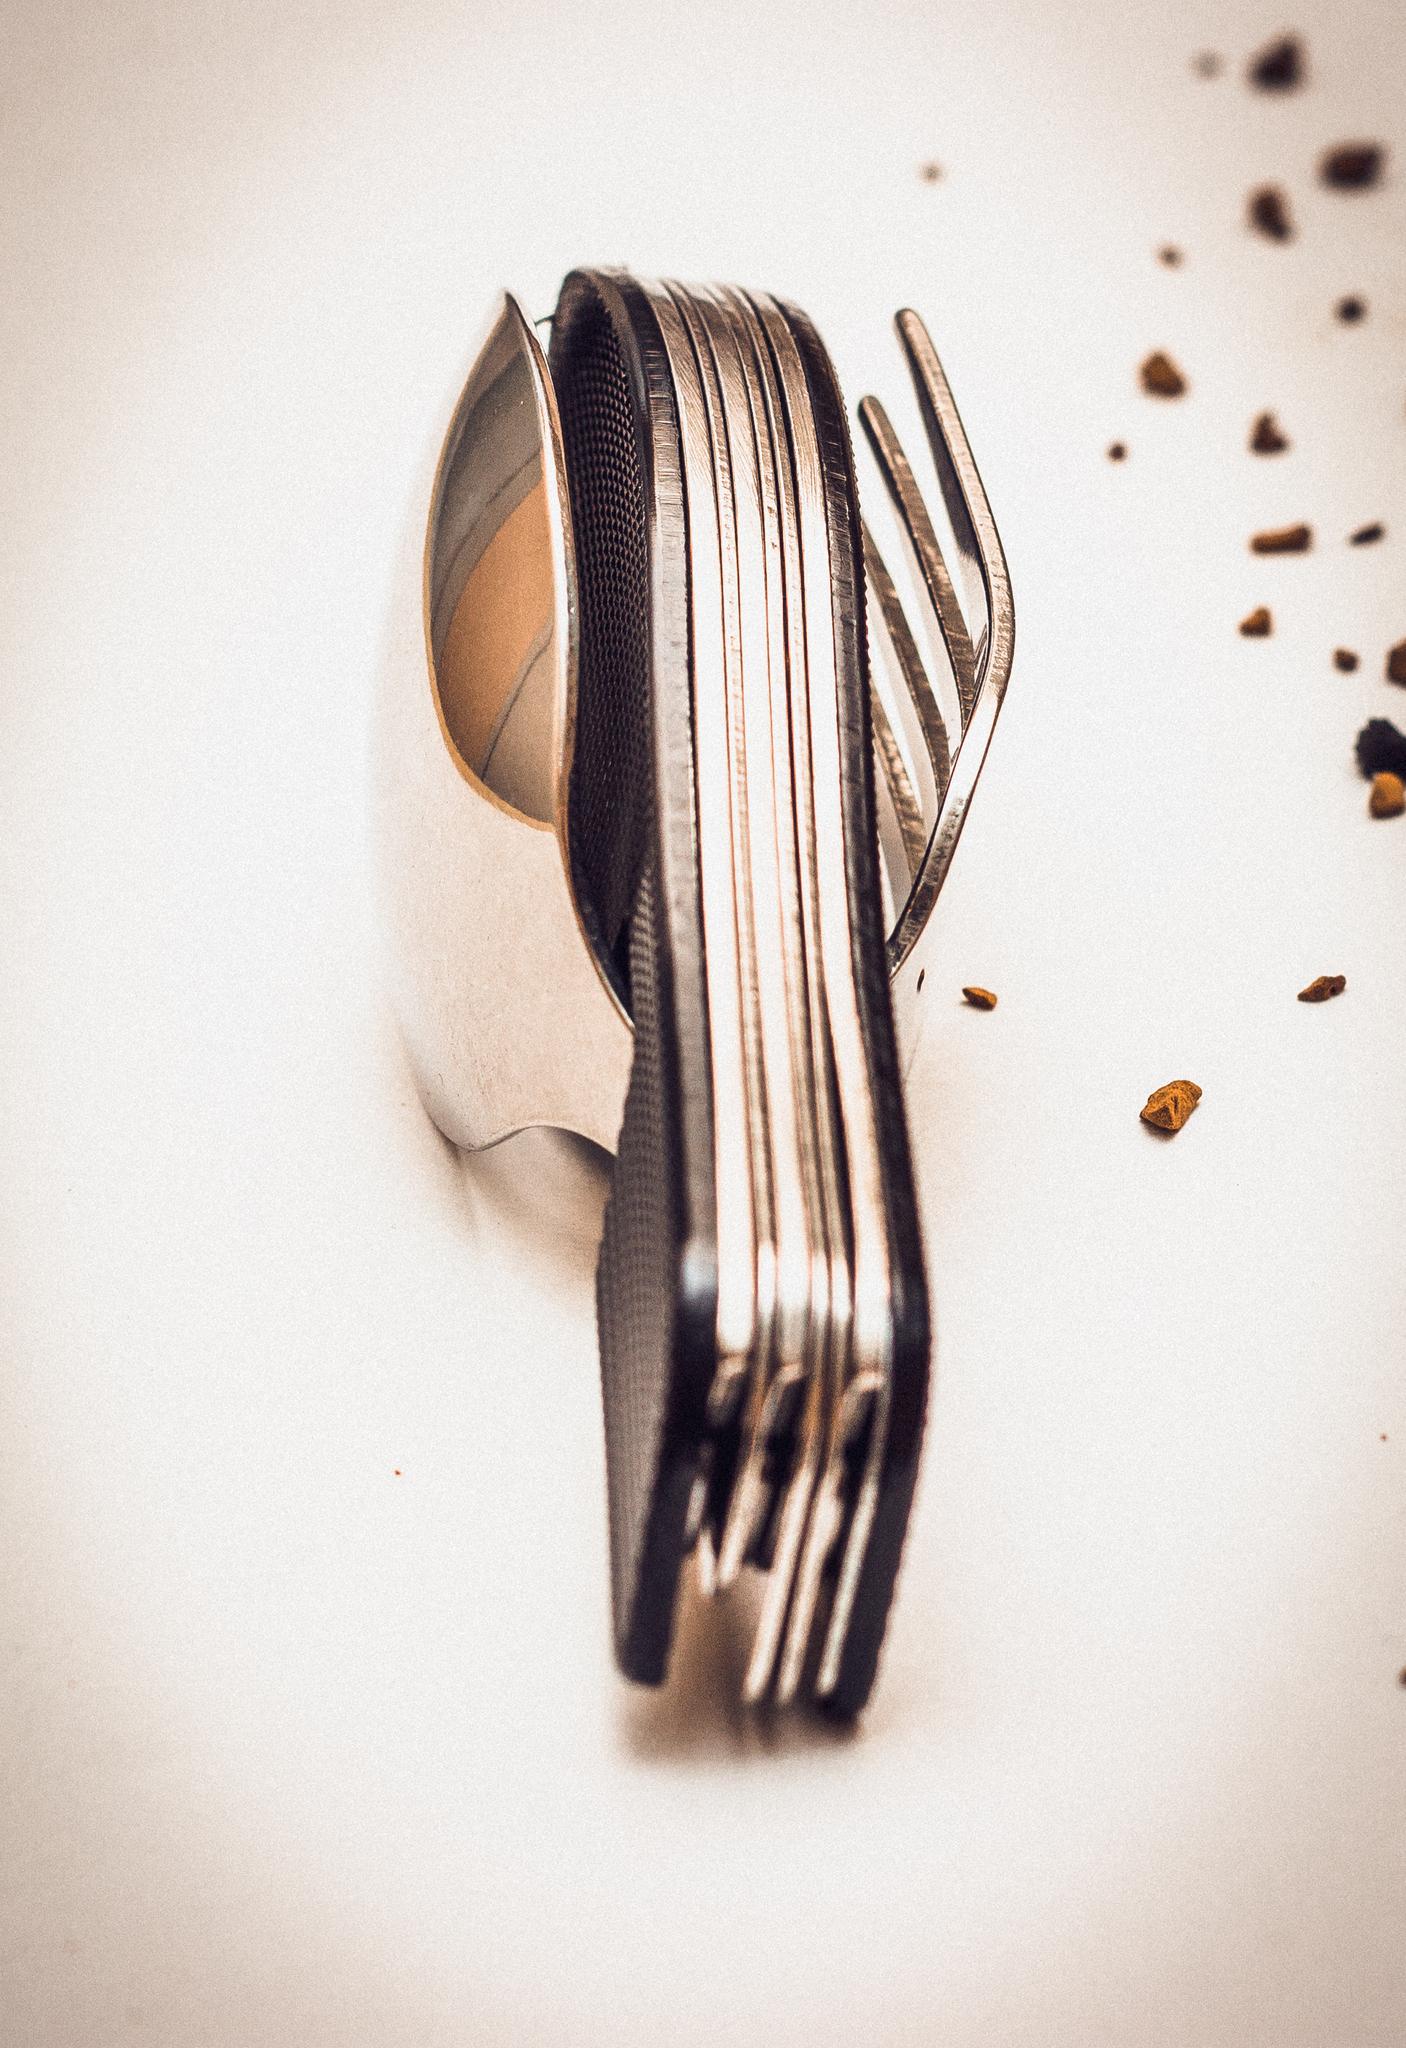 Фото 8 - Многофункциональный нож 4 в 1 от Noname